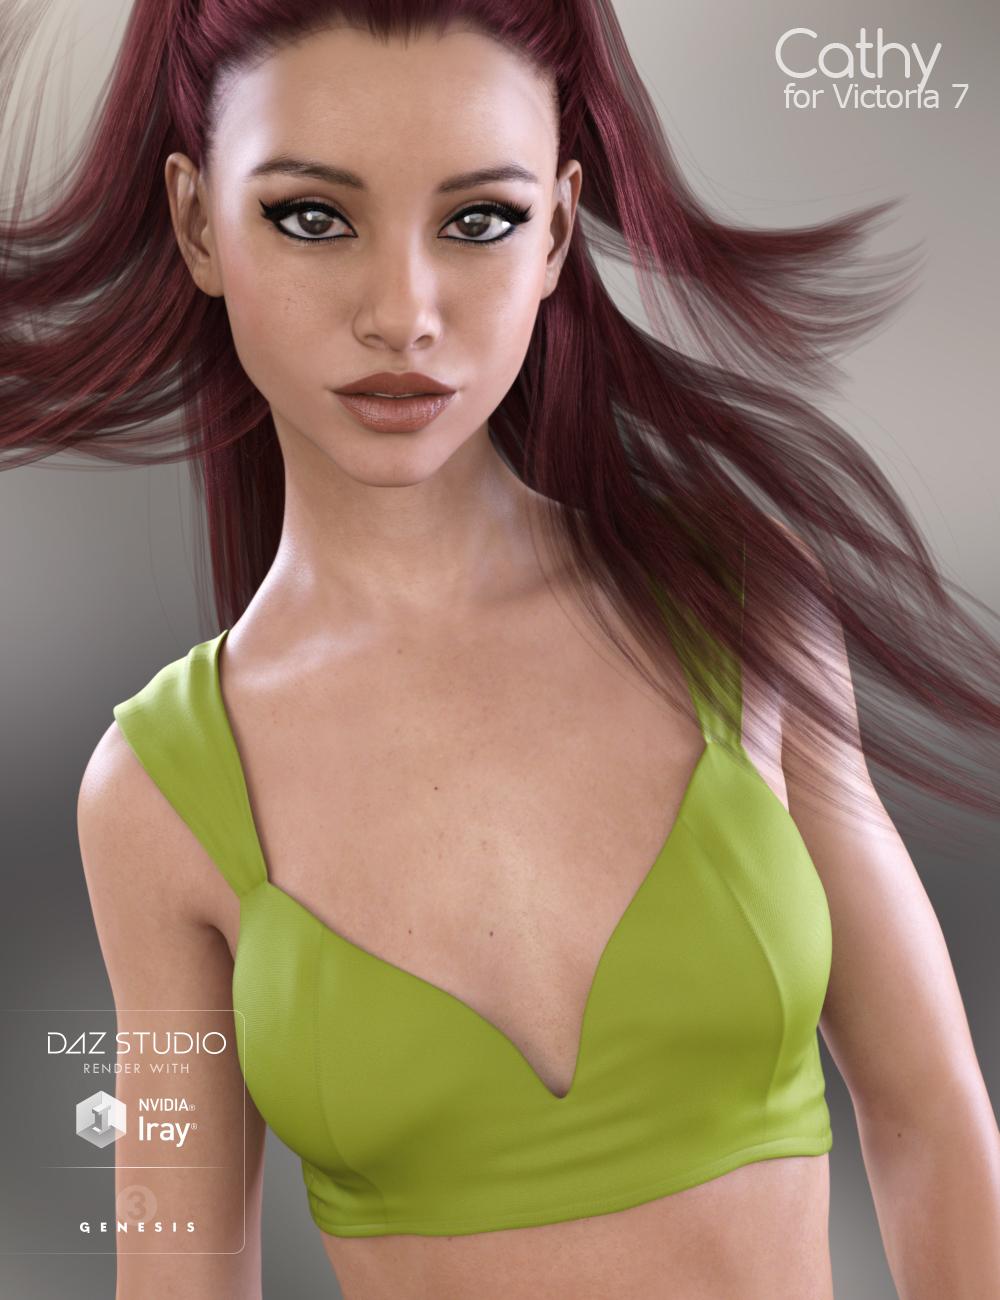 Cathy HD for Victoria 7 by: Raiya, 3D Models by Daz 3D